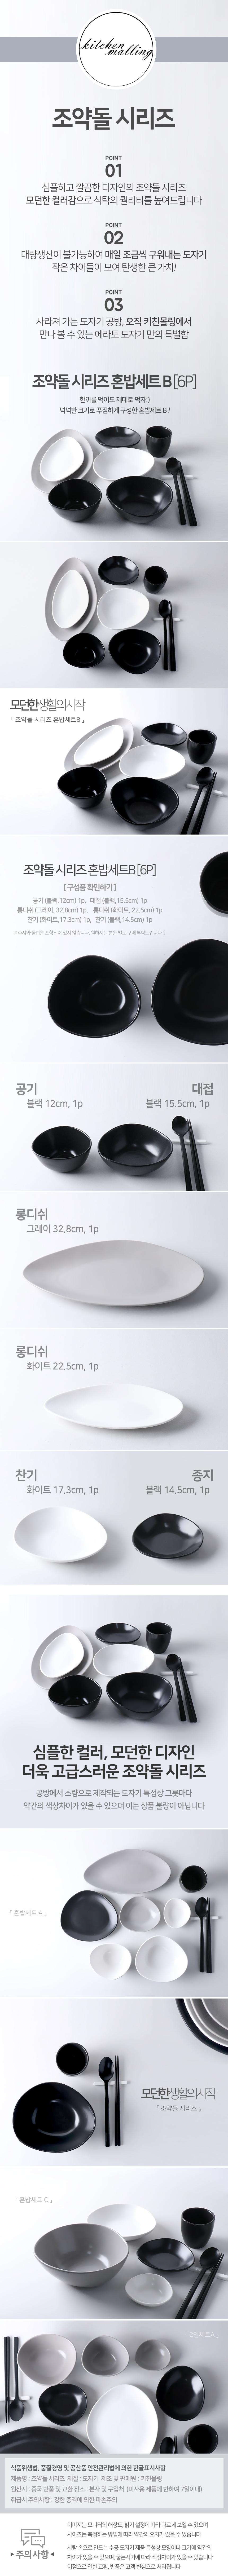 조약돌 혼밥그릇세트 B 6P - 키친몰링, 38,000원, 식기홈세트, 1인세트